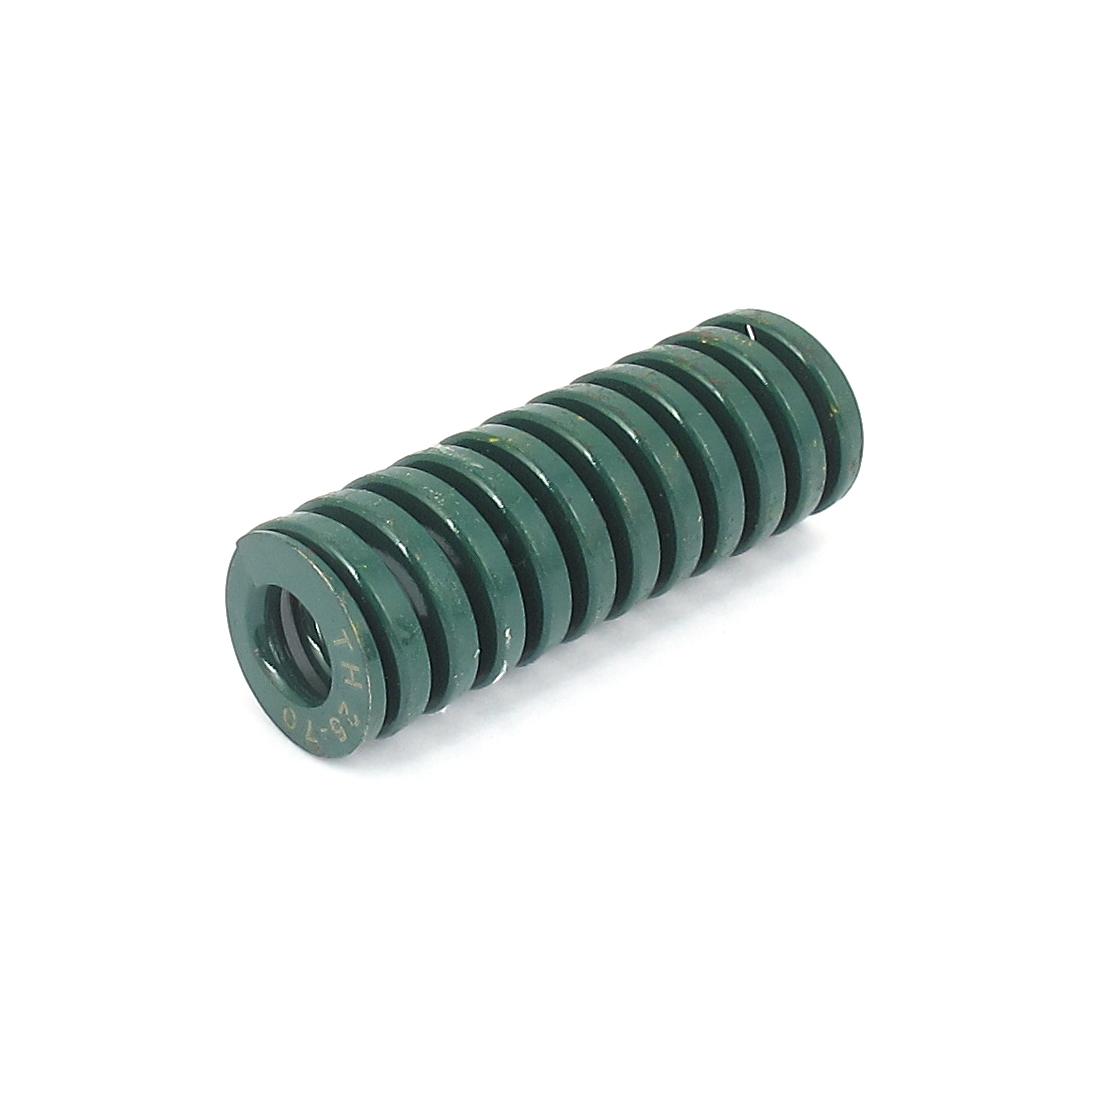 25mmx70mm Chromium Alloy Steel Heavy Load Die Spring Green